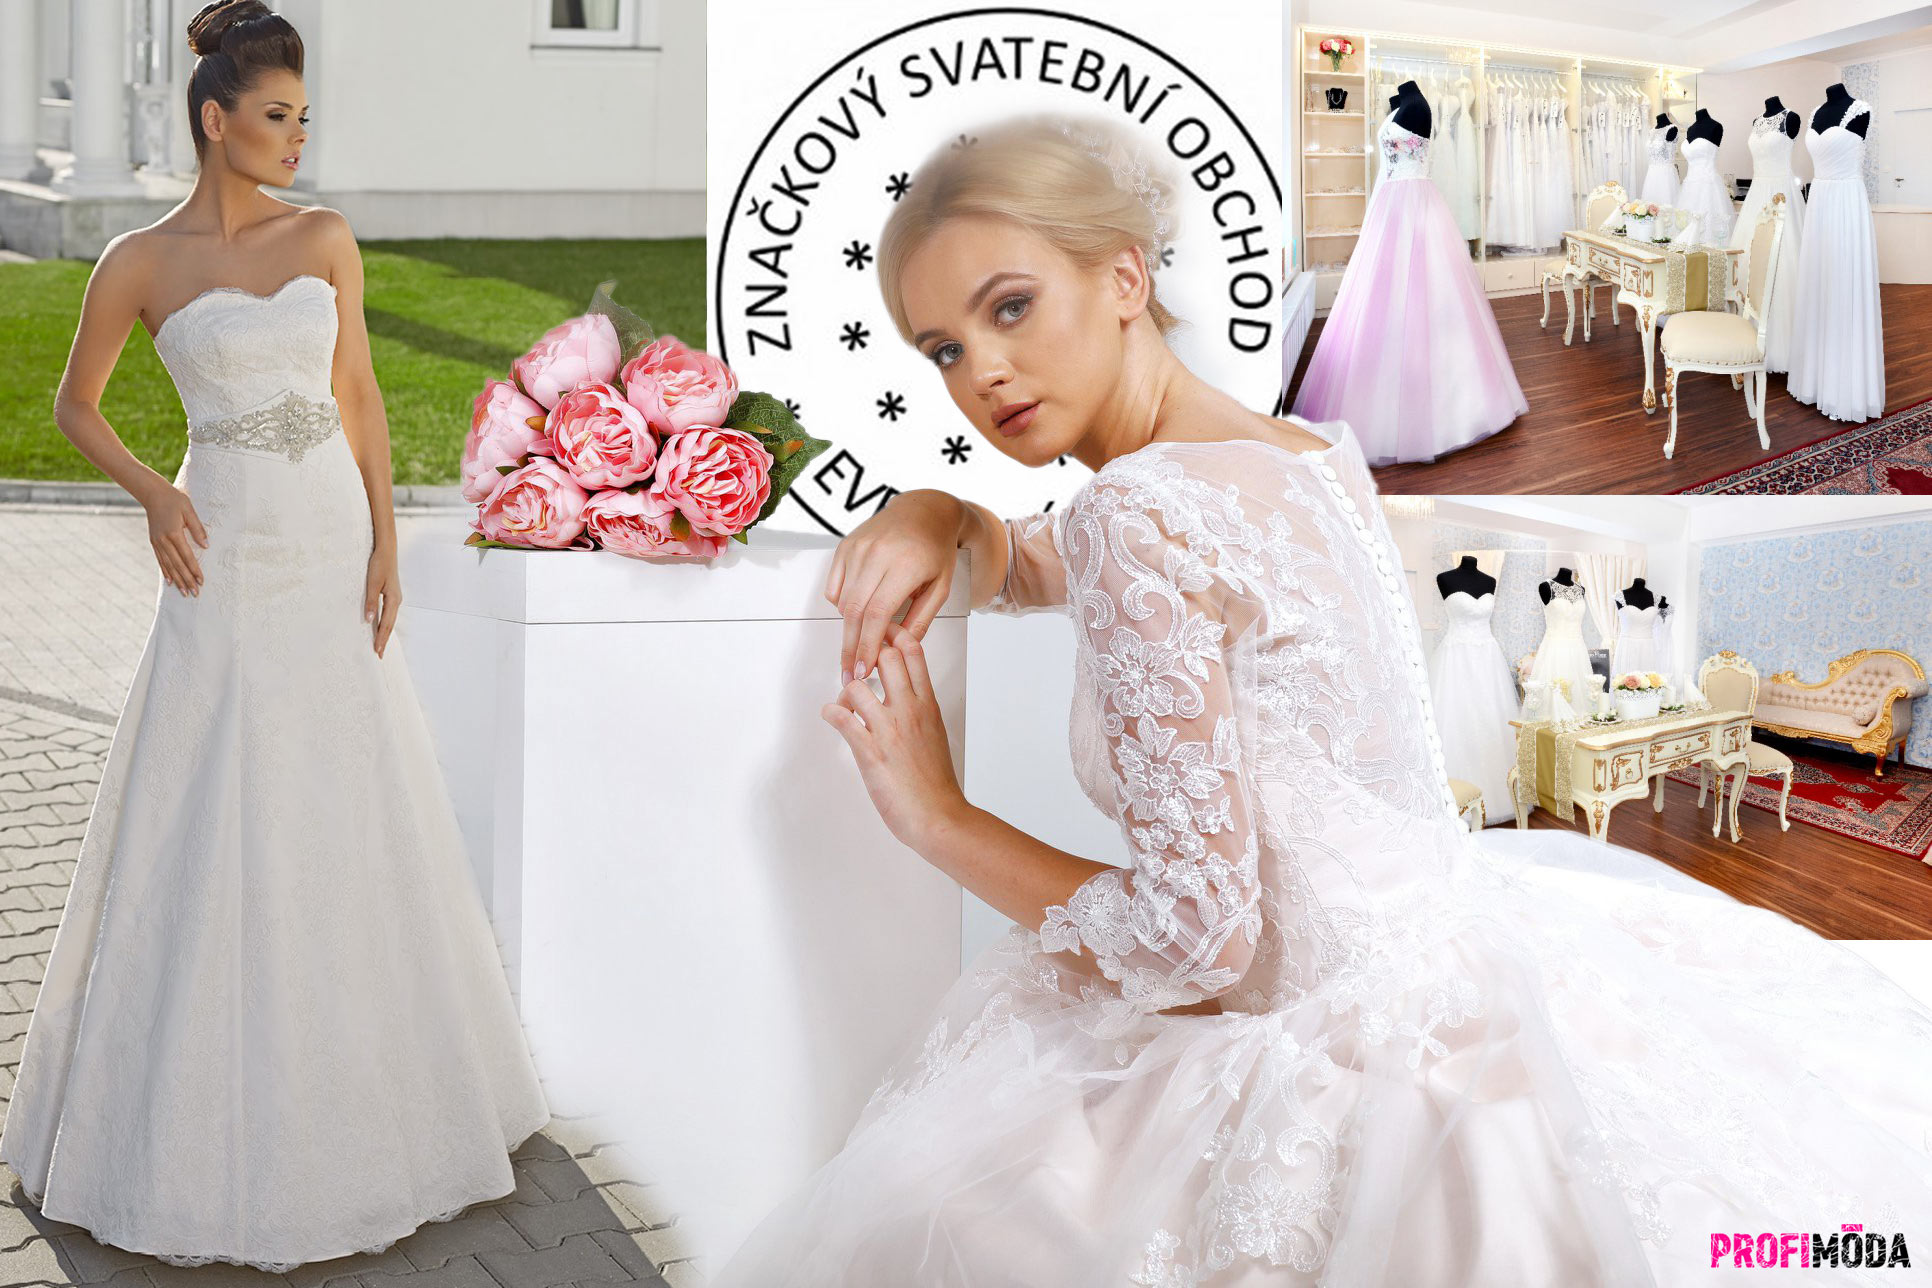 Svatba Zlín: Luxusní svatební šaty za ekonomické ceny pořídíte ve svatebním salonu REDUP Design.